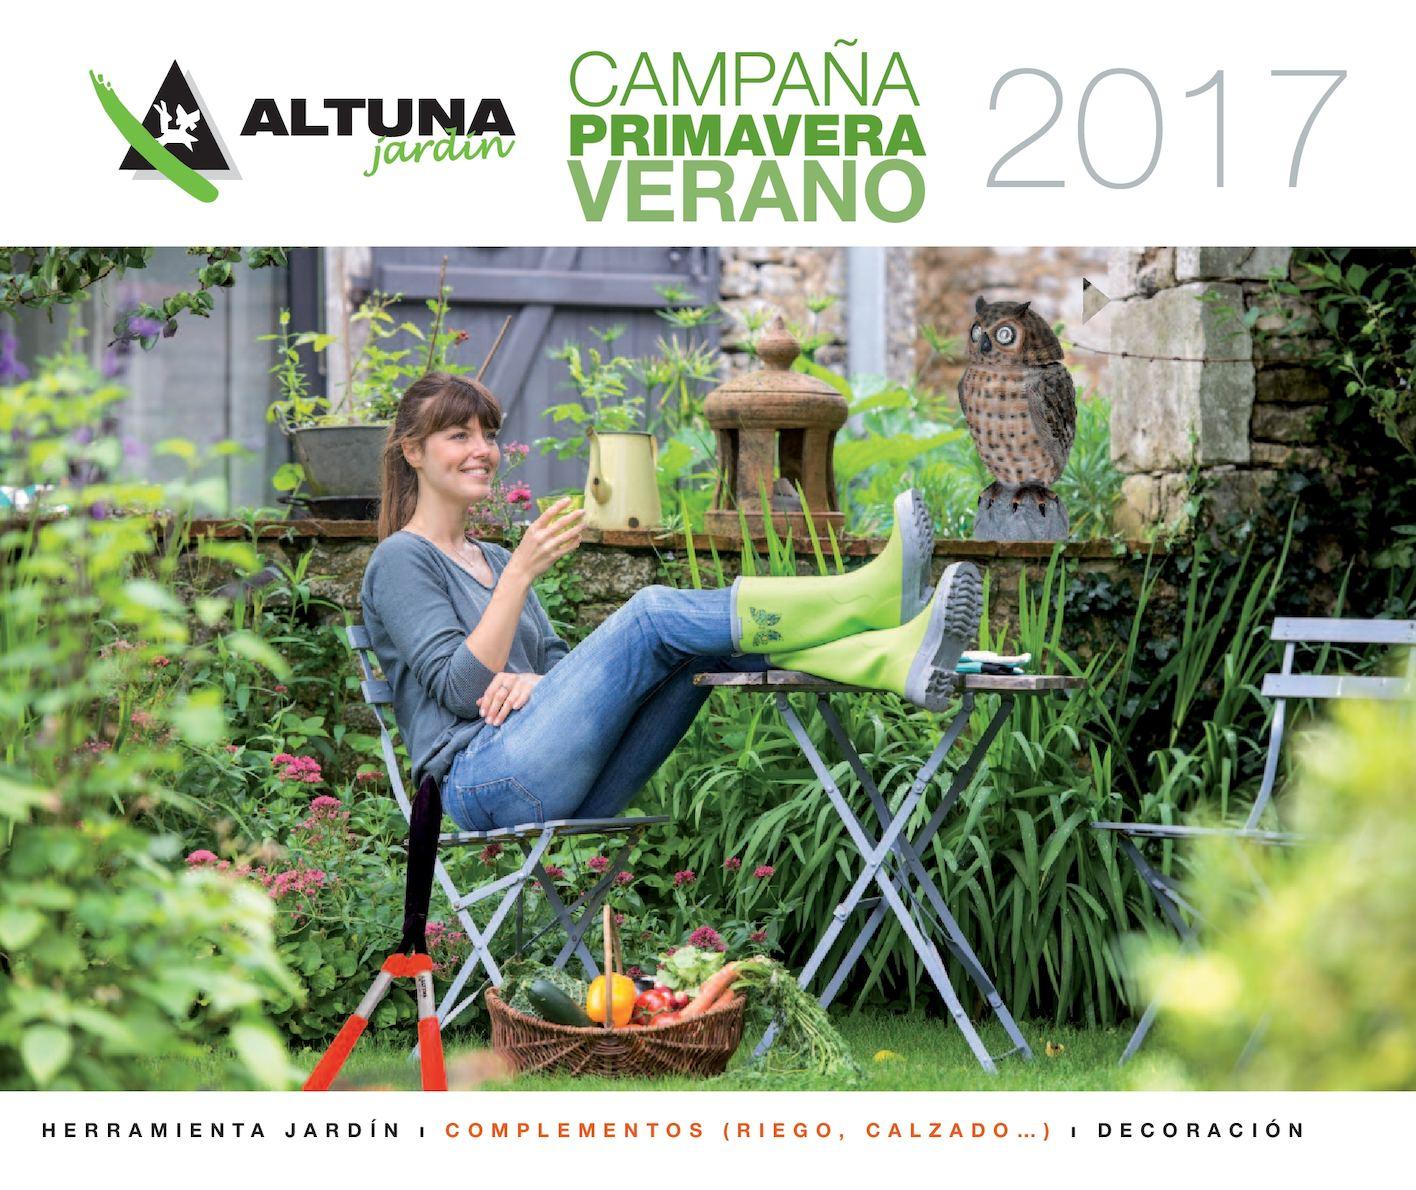 Altuna Jardin 2017